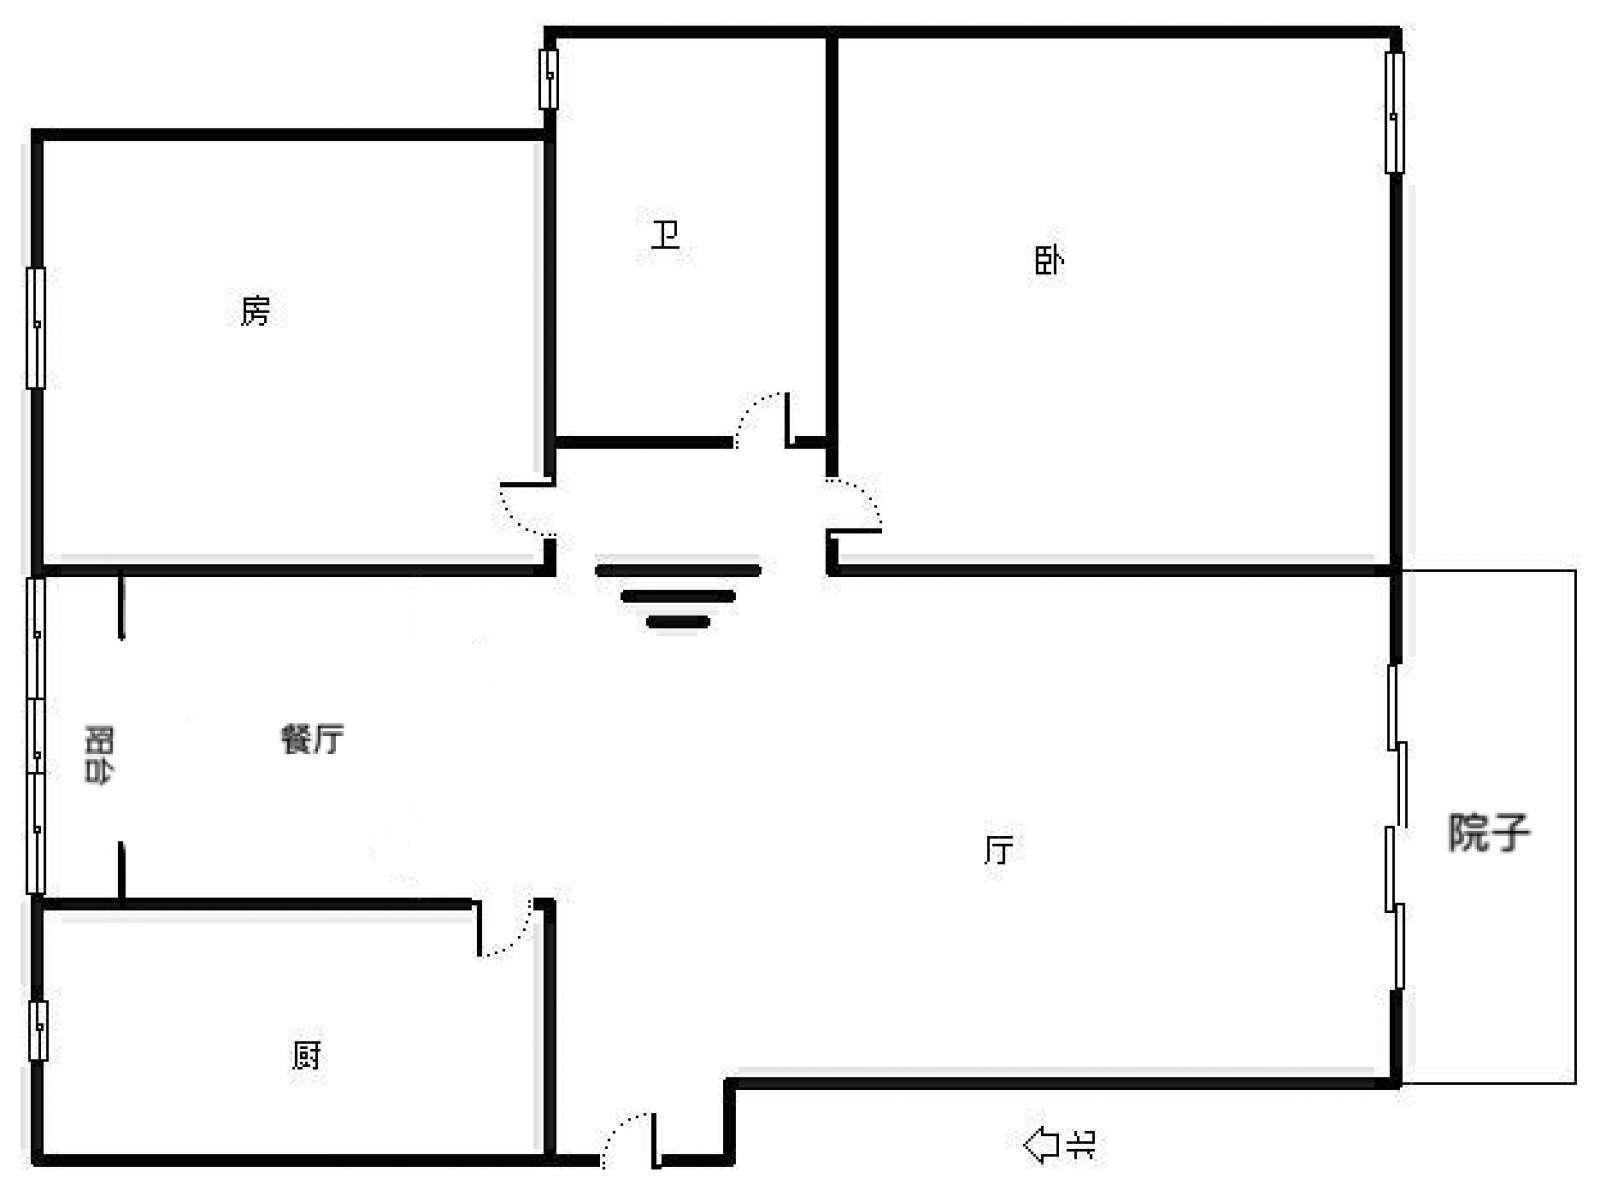 柴桑春天二区 2室2厅101㎡